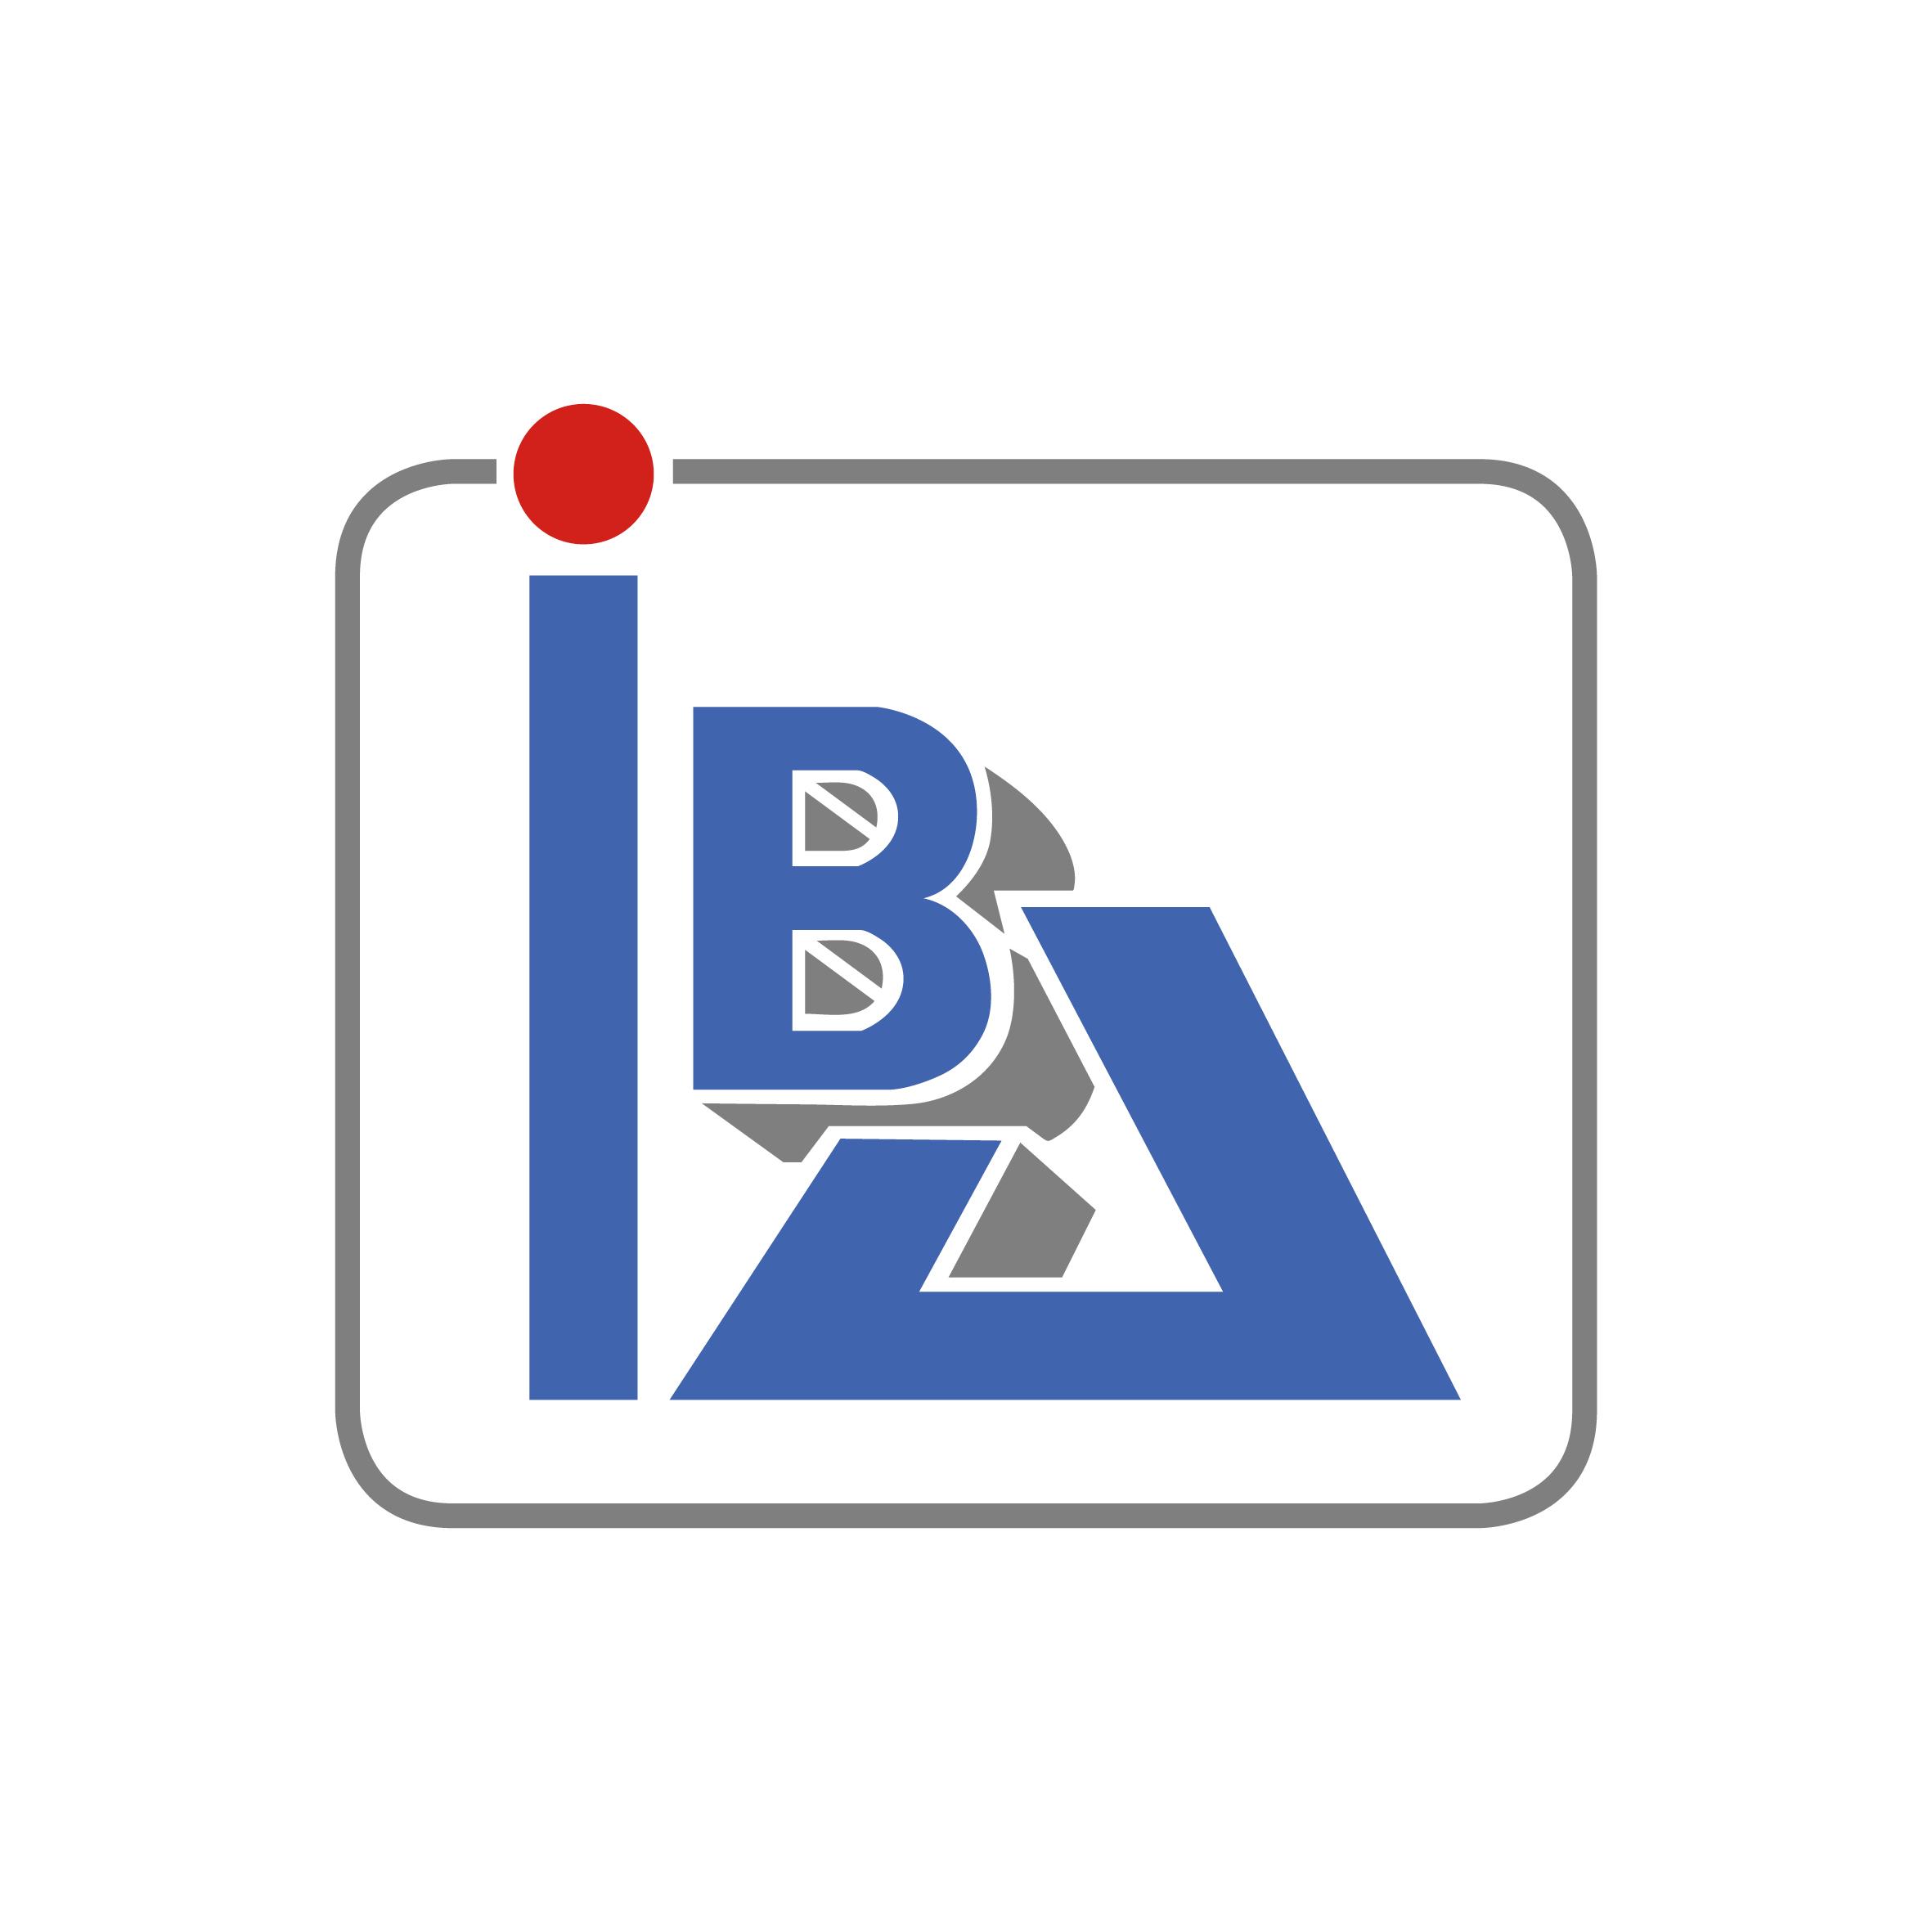 albert geraetebau suhl logo